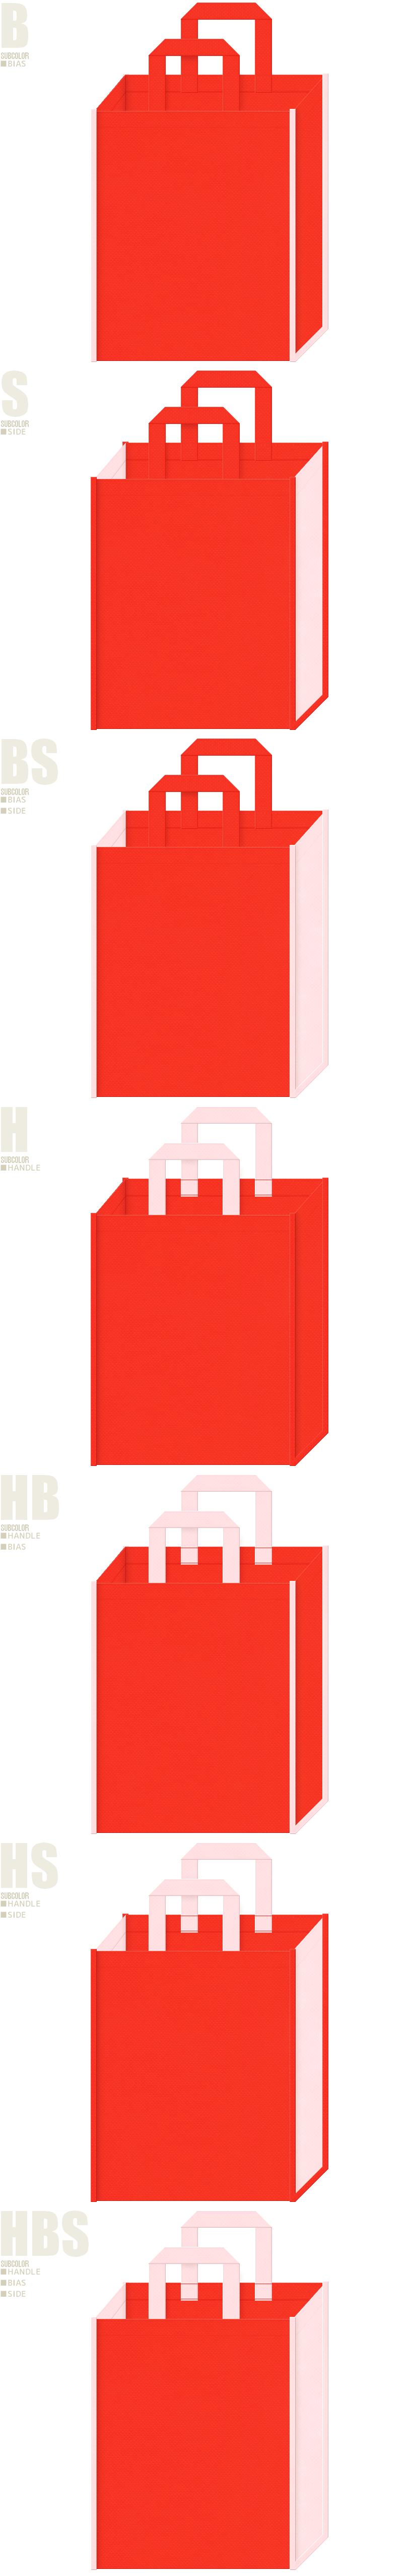 不織布バッグのデザイン:オレンジ色と桜色の配色7パターン